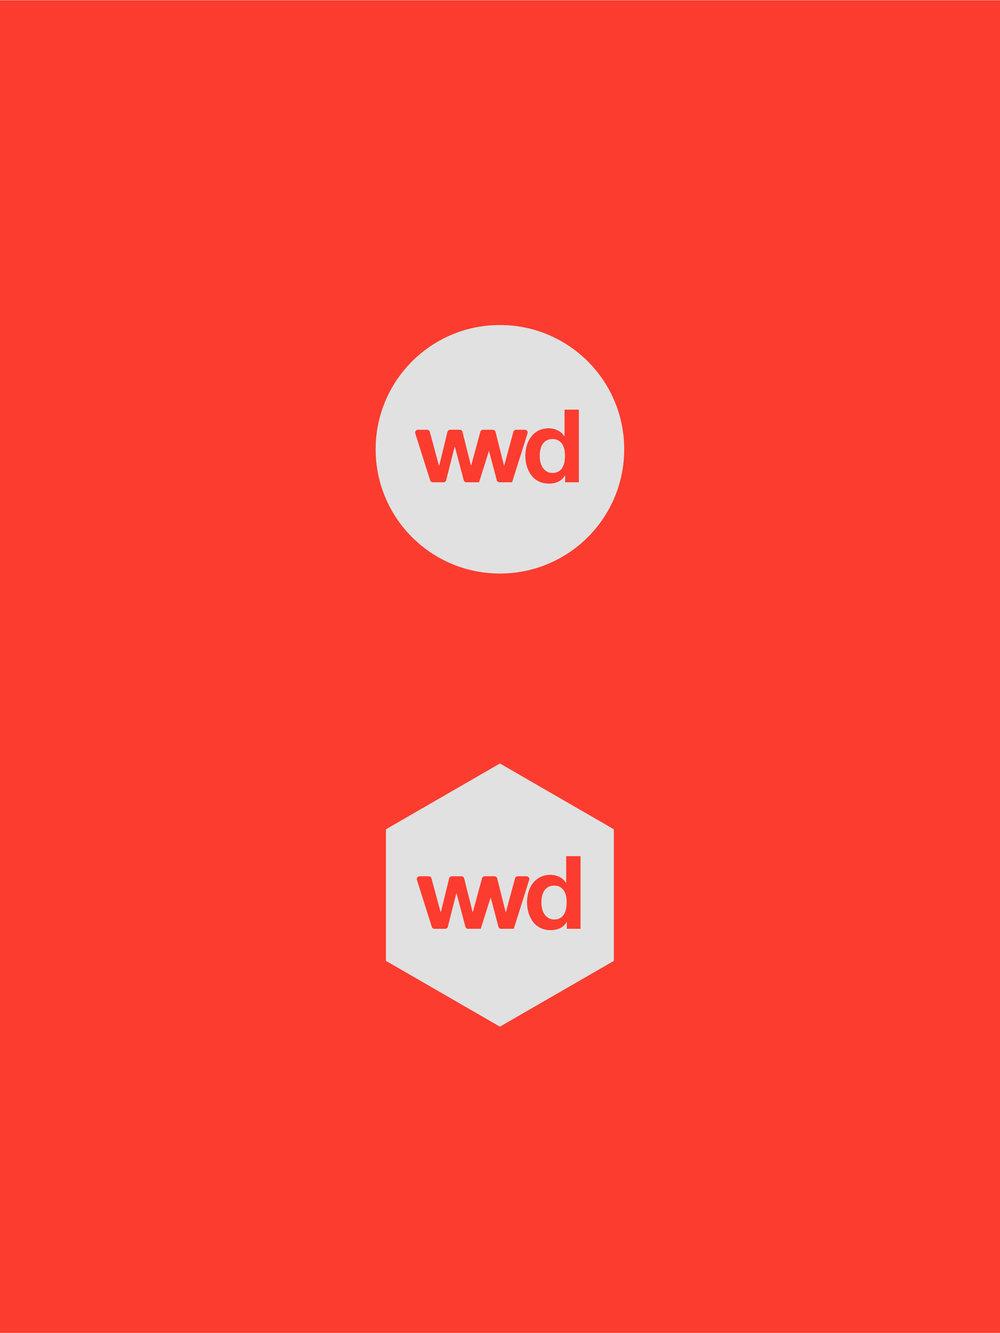 WWD_Elements-05.jpg